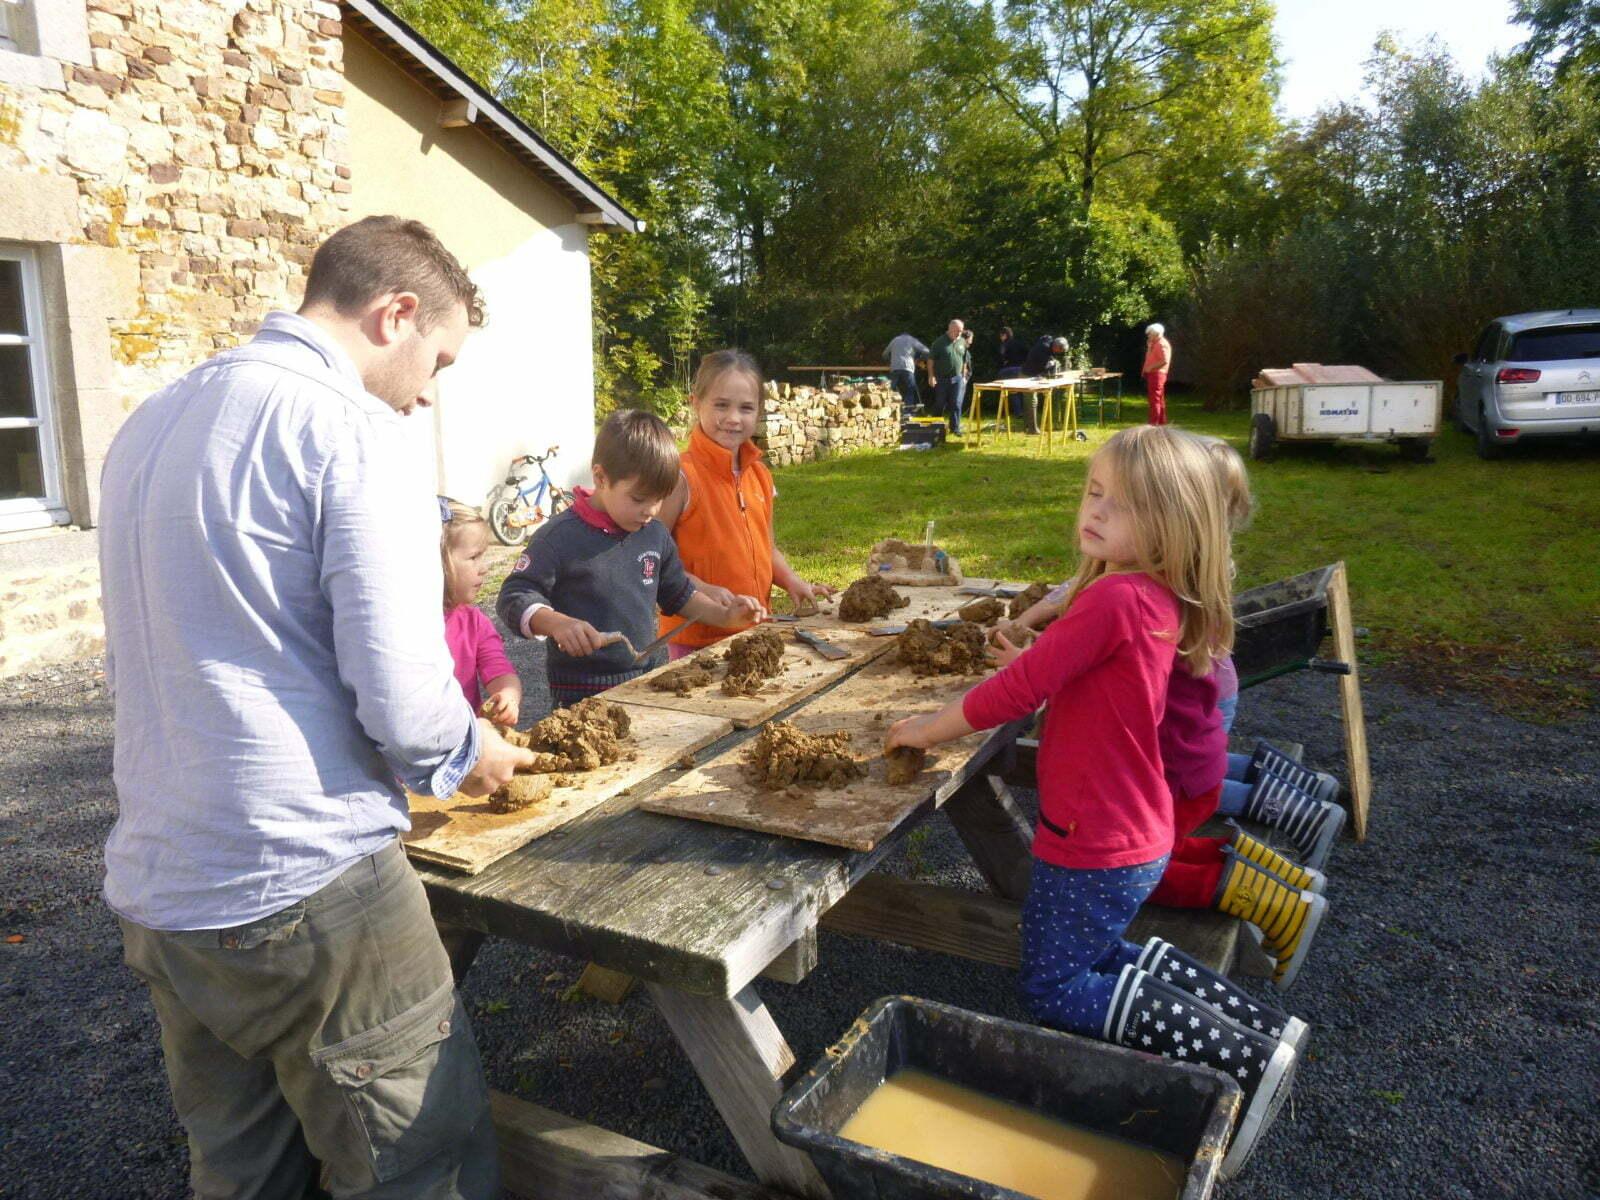 Atelier terre enfants - Pierre & Masse